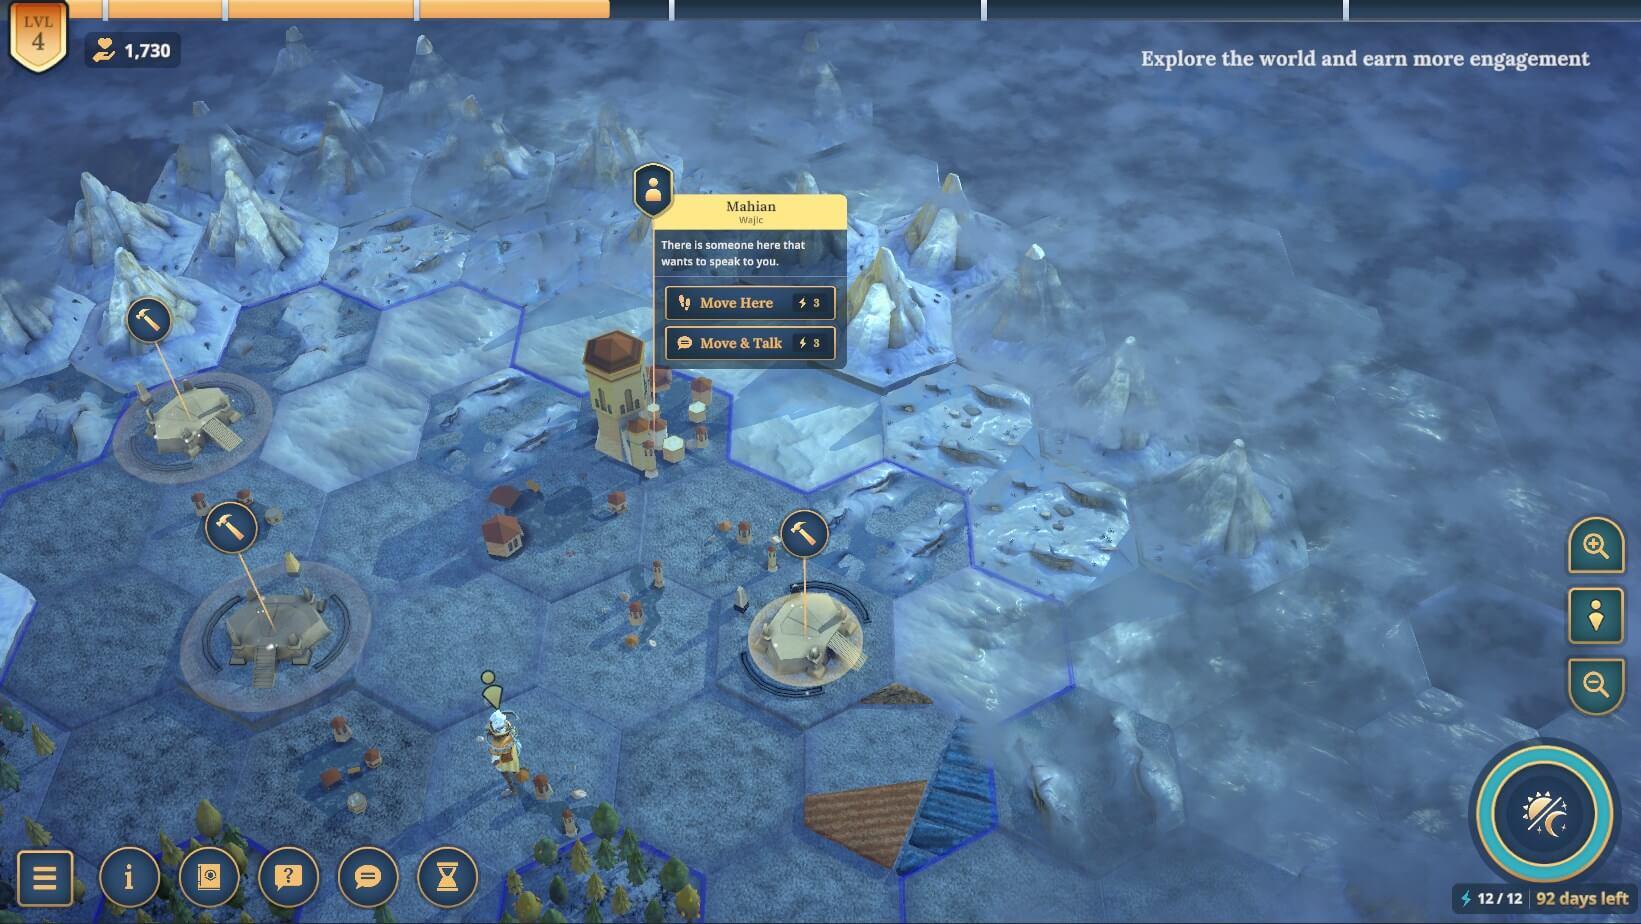 A screenshot from Sharmila, in the town of Mahian - the capital city of Wajic.